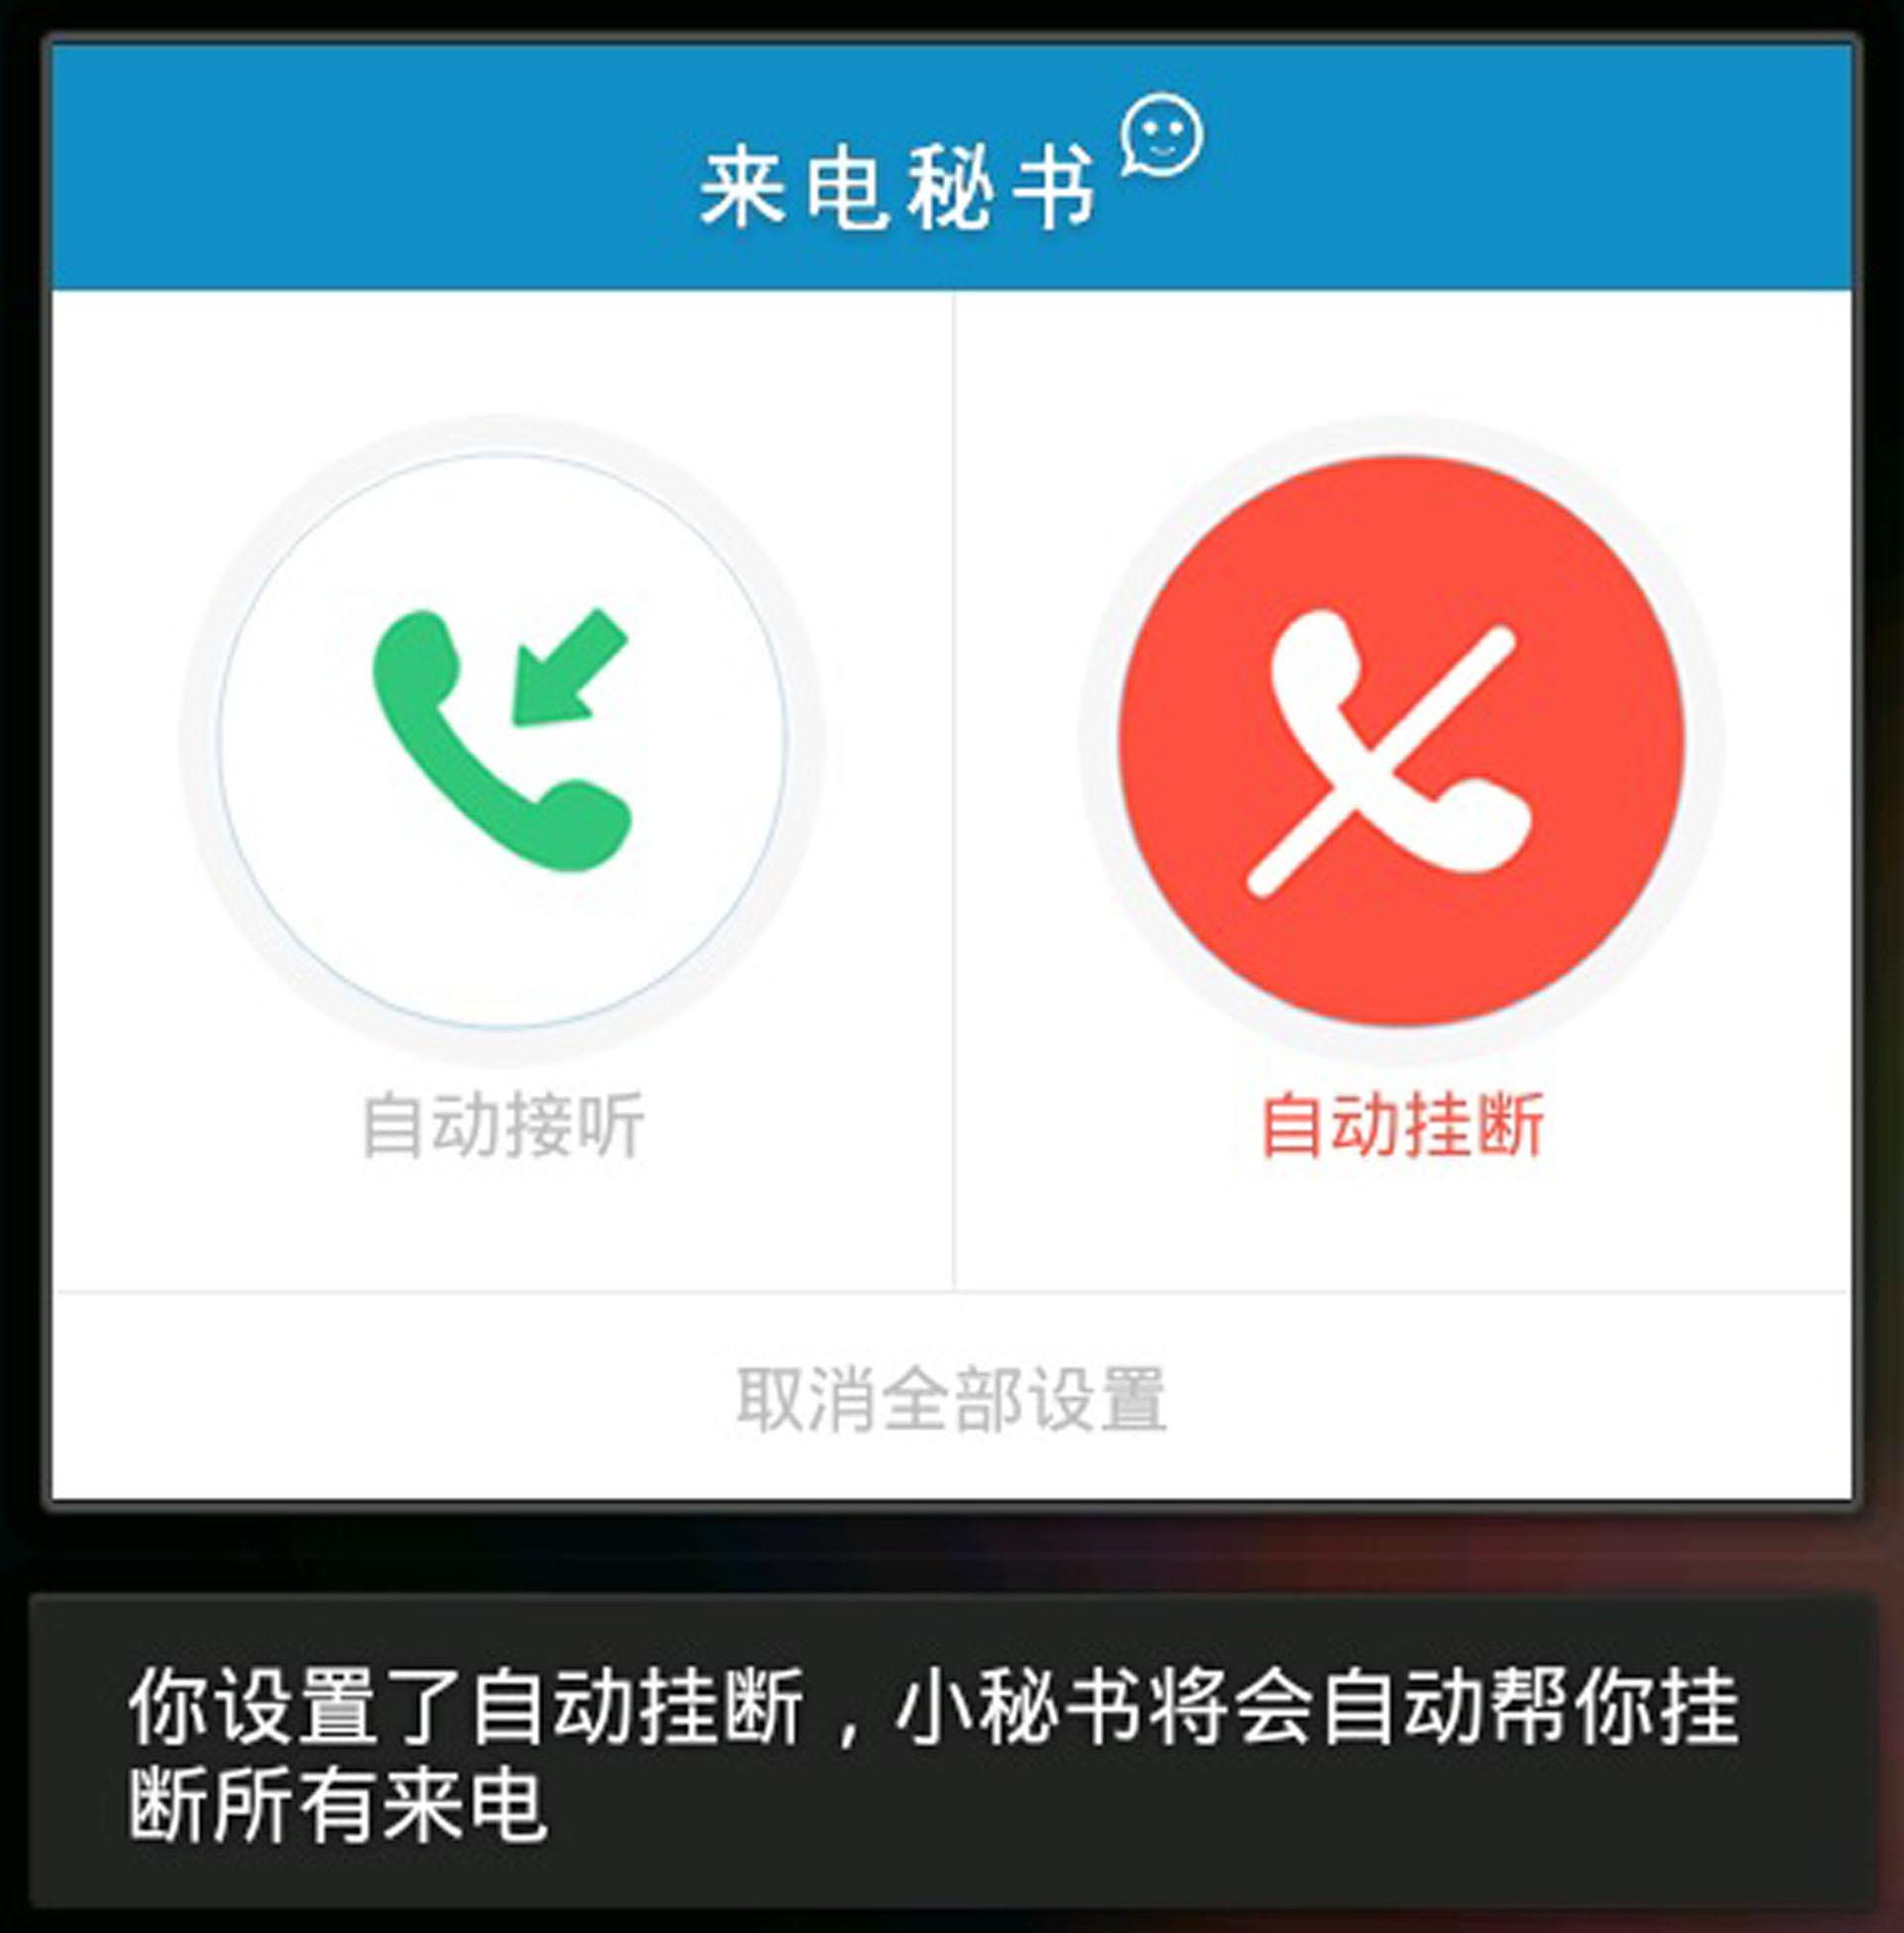 来电秘书是一款可以自动接听或者自动挂断电话的工具。如果你只是不想接听任何电话,而不想使用飞行模式(因为你可能还要接收短信,使用WIFI,打开飞行模式就无法使用这些功能了),那么请设置自动挂断,当有电话打进来的的时候,它人自动帮我挂断;如果你还在为响一声的诈骗电话而烦恼,那么请设置自动接听,当有电话打进来的时候,马上自动帮你接通电话。 【更新内容】 正式版V1.